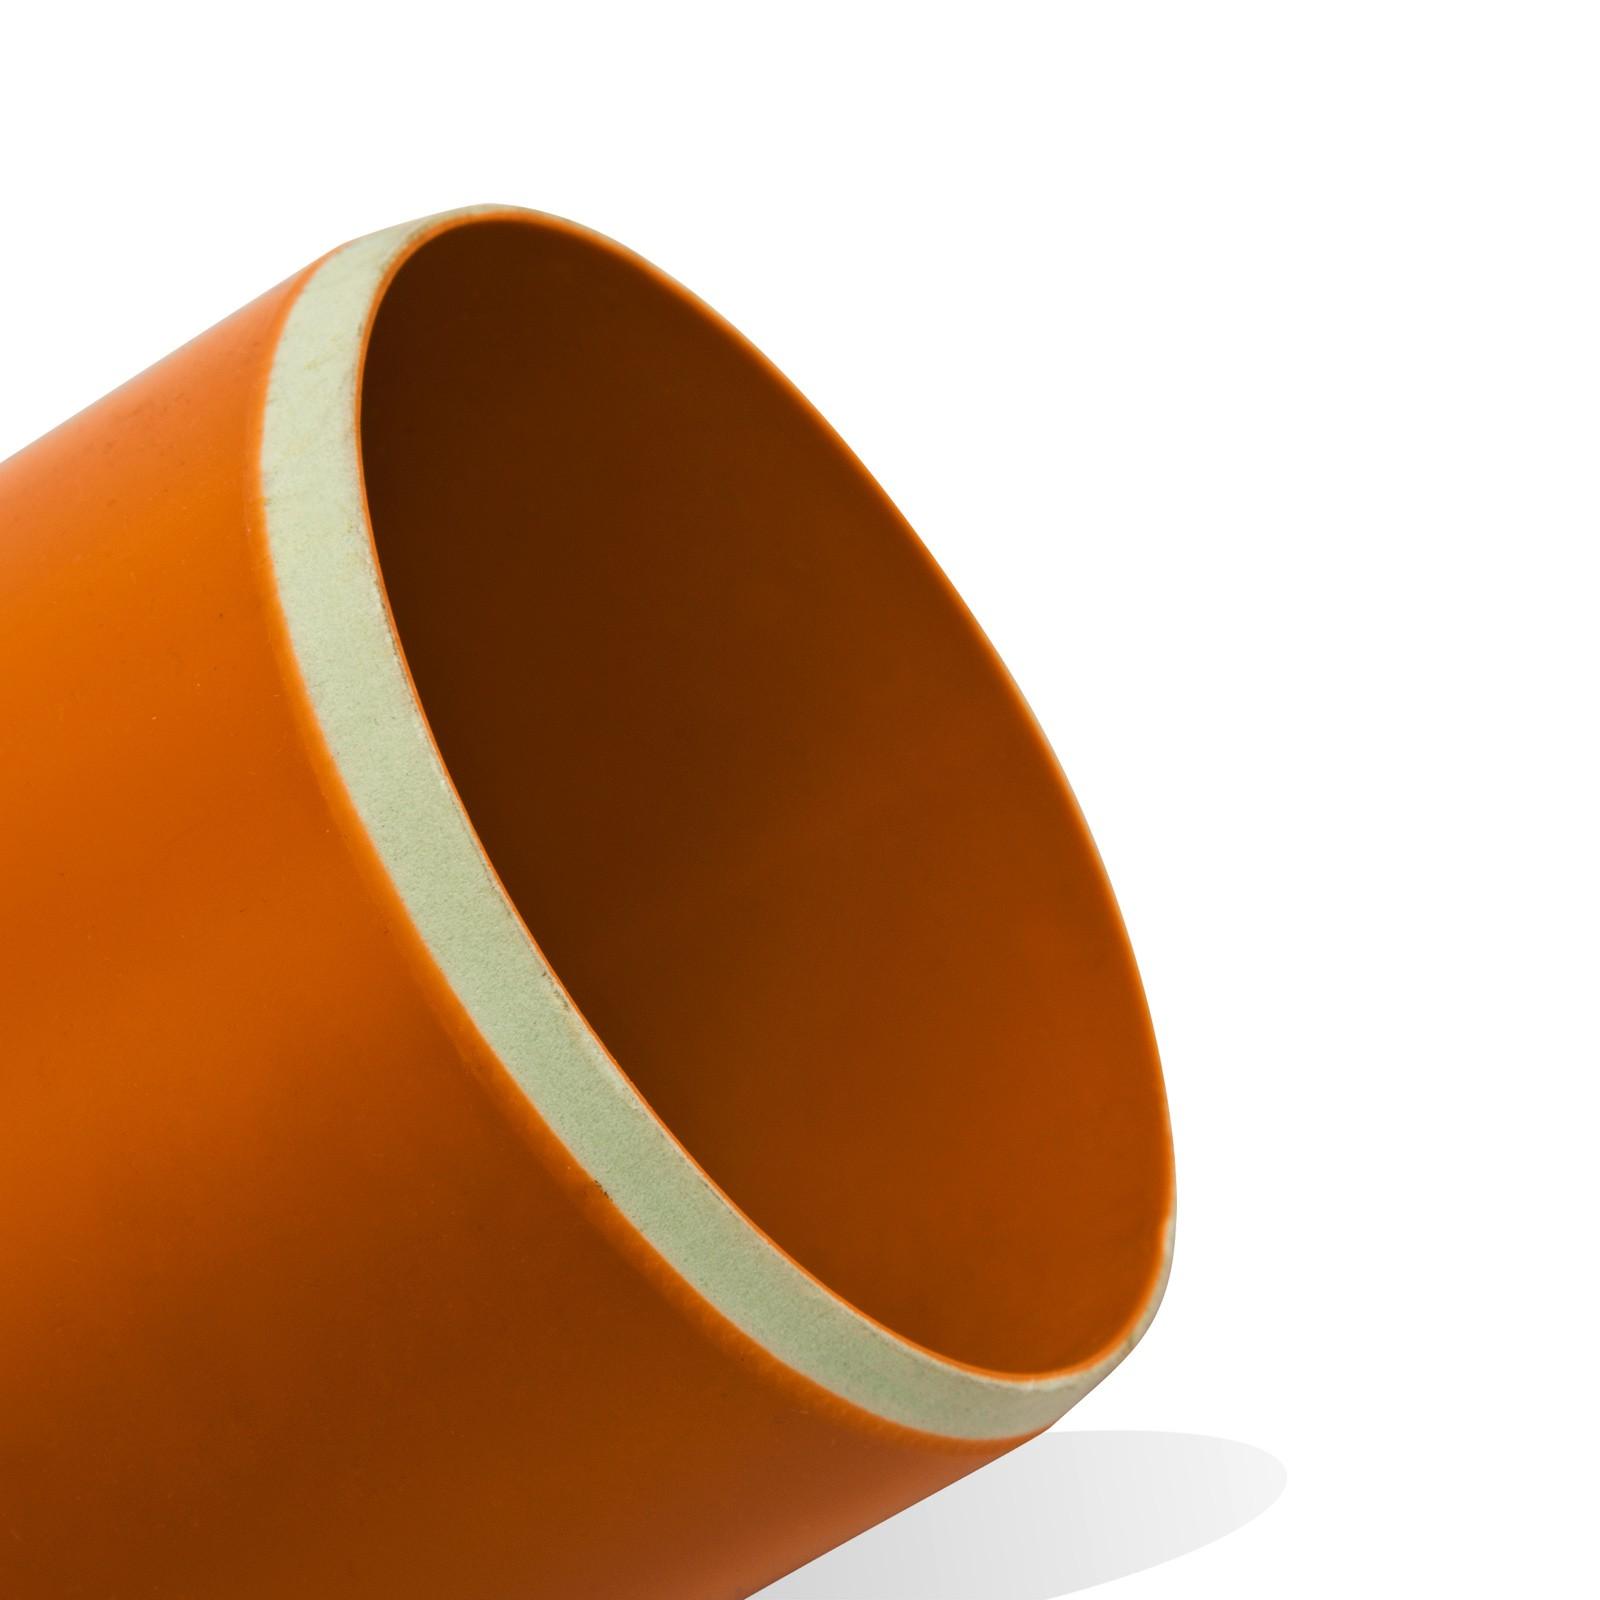 kg rohr dn160 500mm abwasserrohr 150mm kanalrohr orange. Black Bedroom Furniture Sets. Home Design Ideas